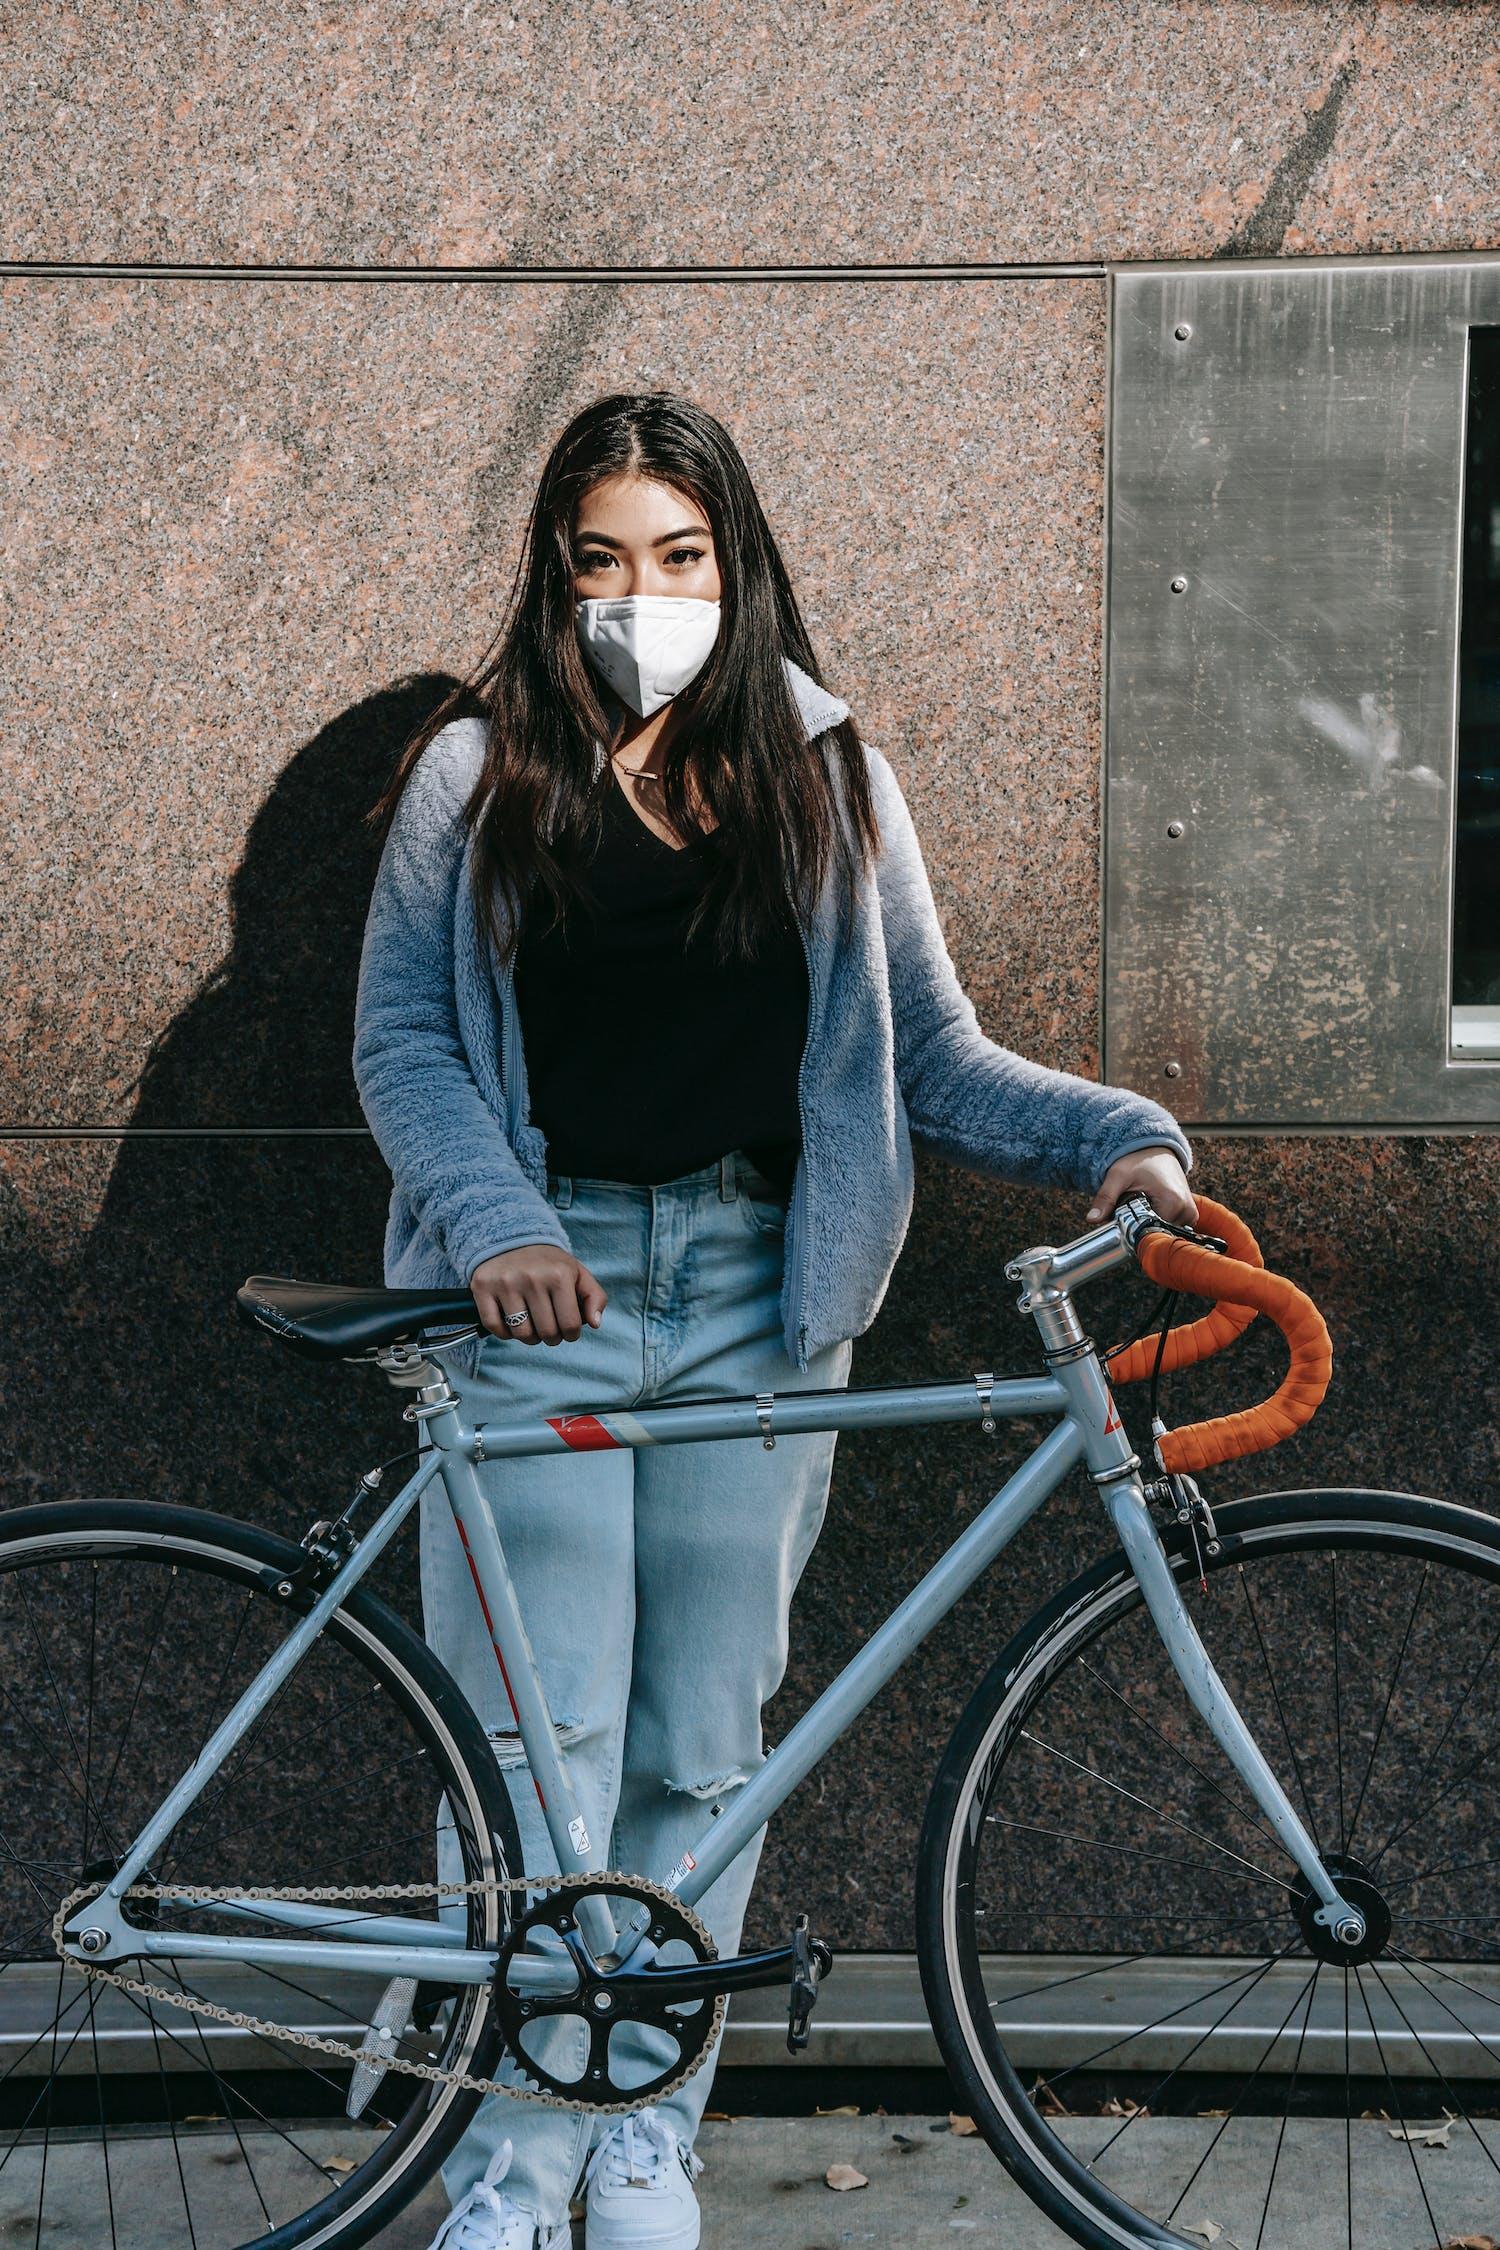 Femme En Chemise à Manches Longues Grise Et Jean Bleu Denim Debout à Côté De Vélo Bleu